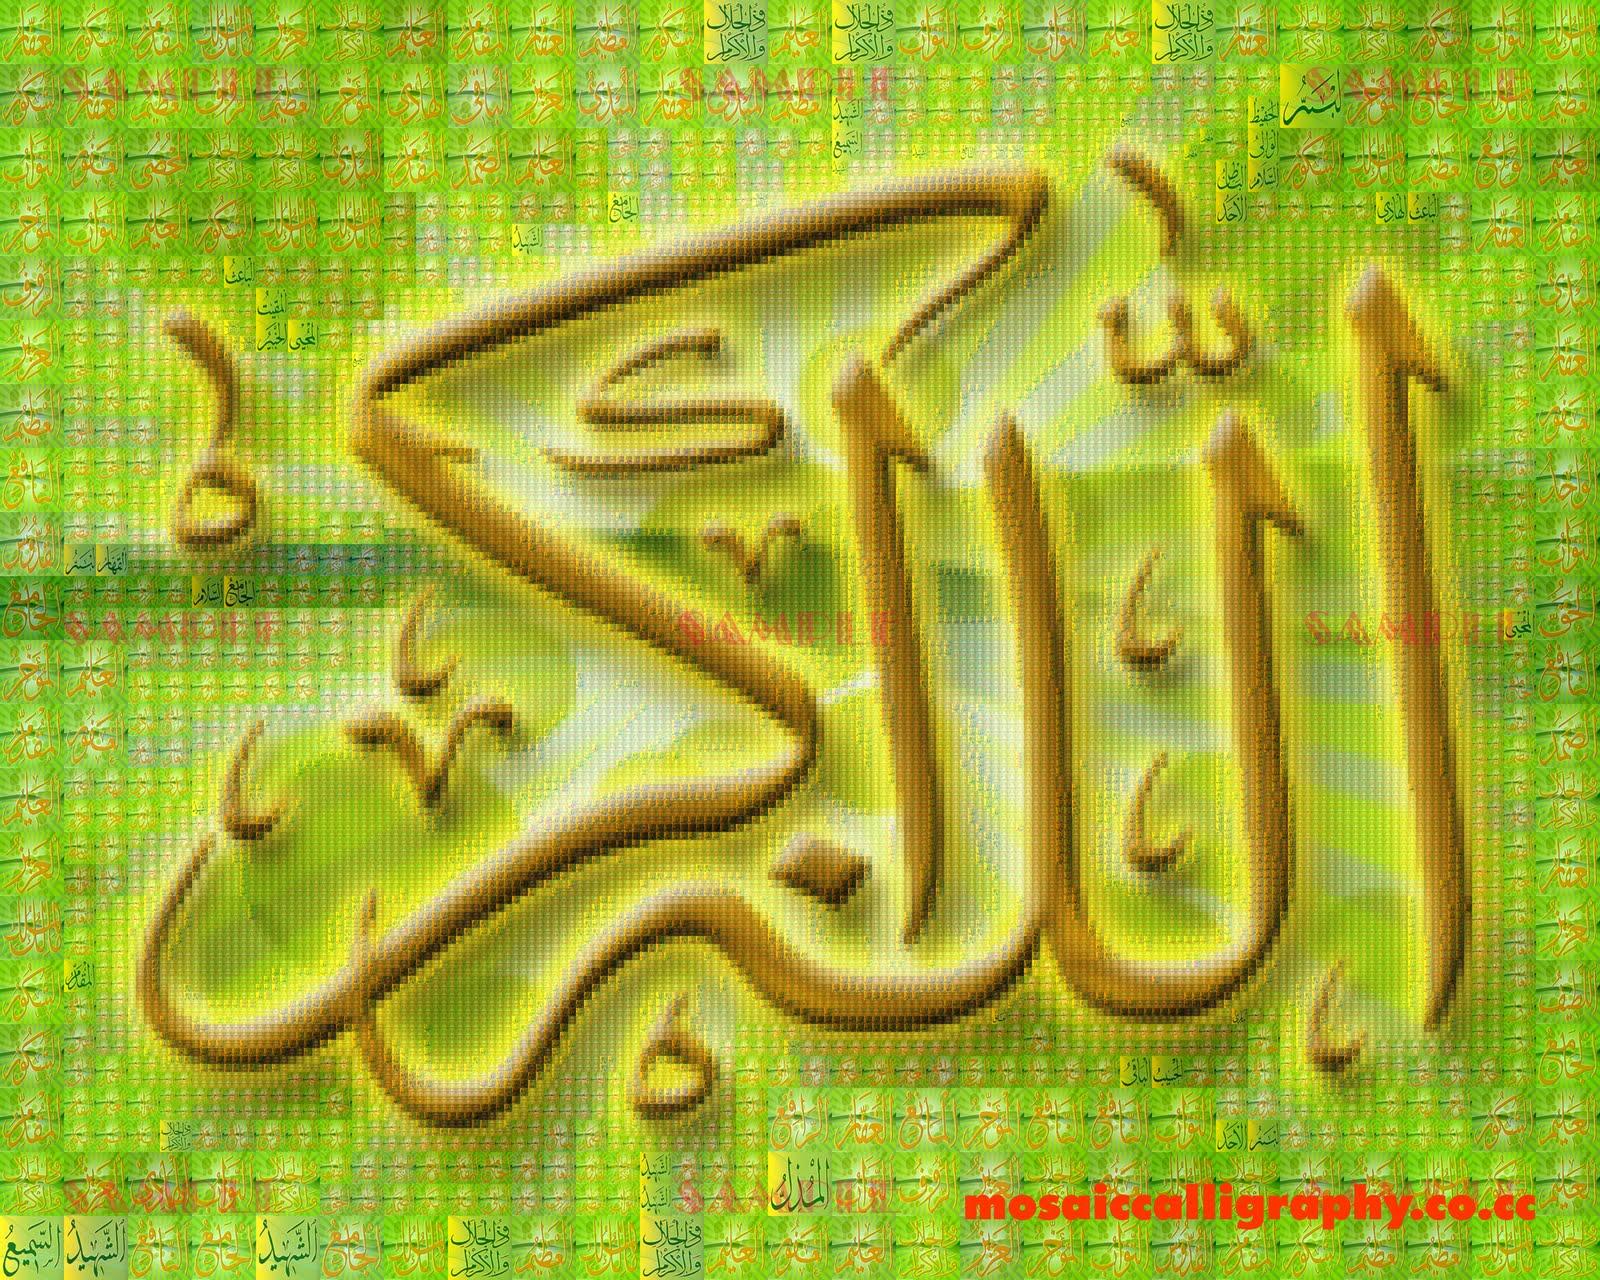 Download Gratis Cara Mewarnai Kaligrafi Allahu Akbar